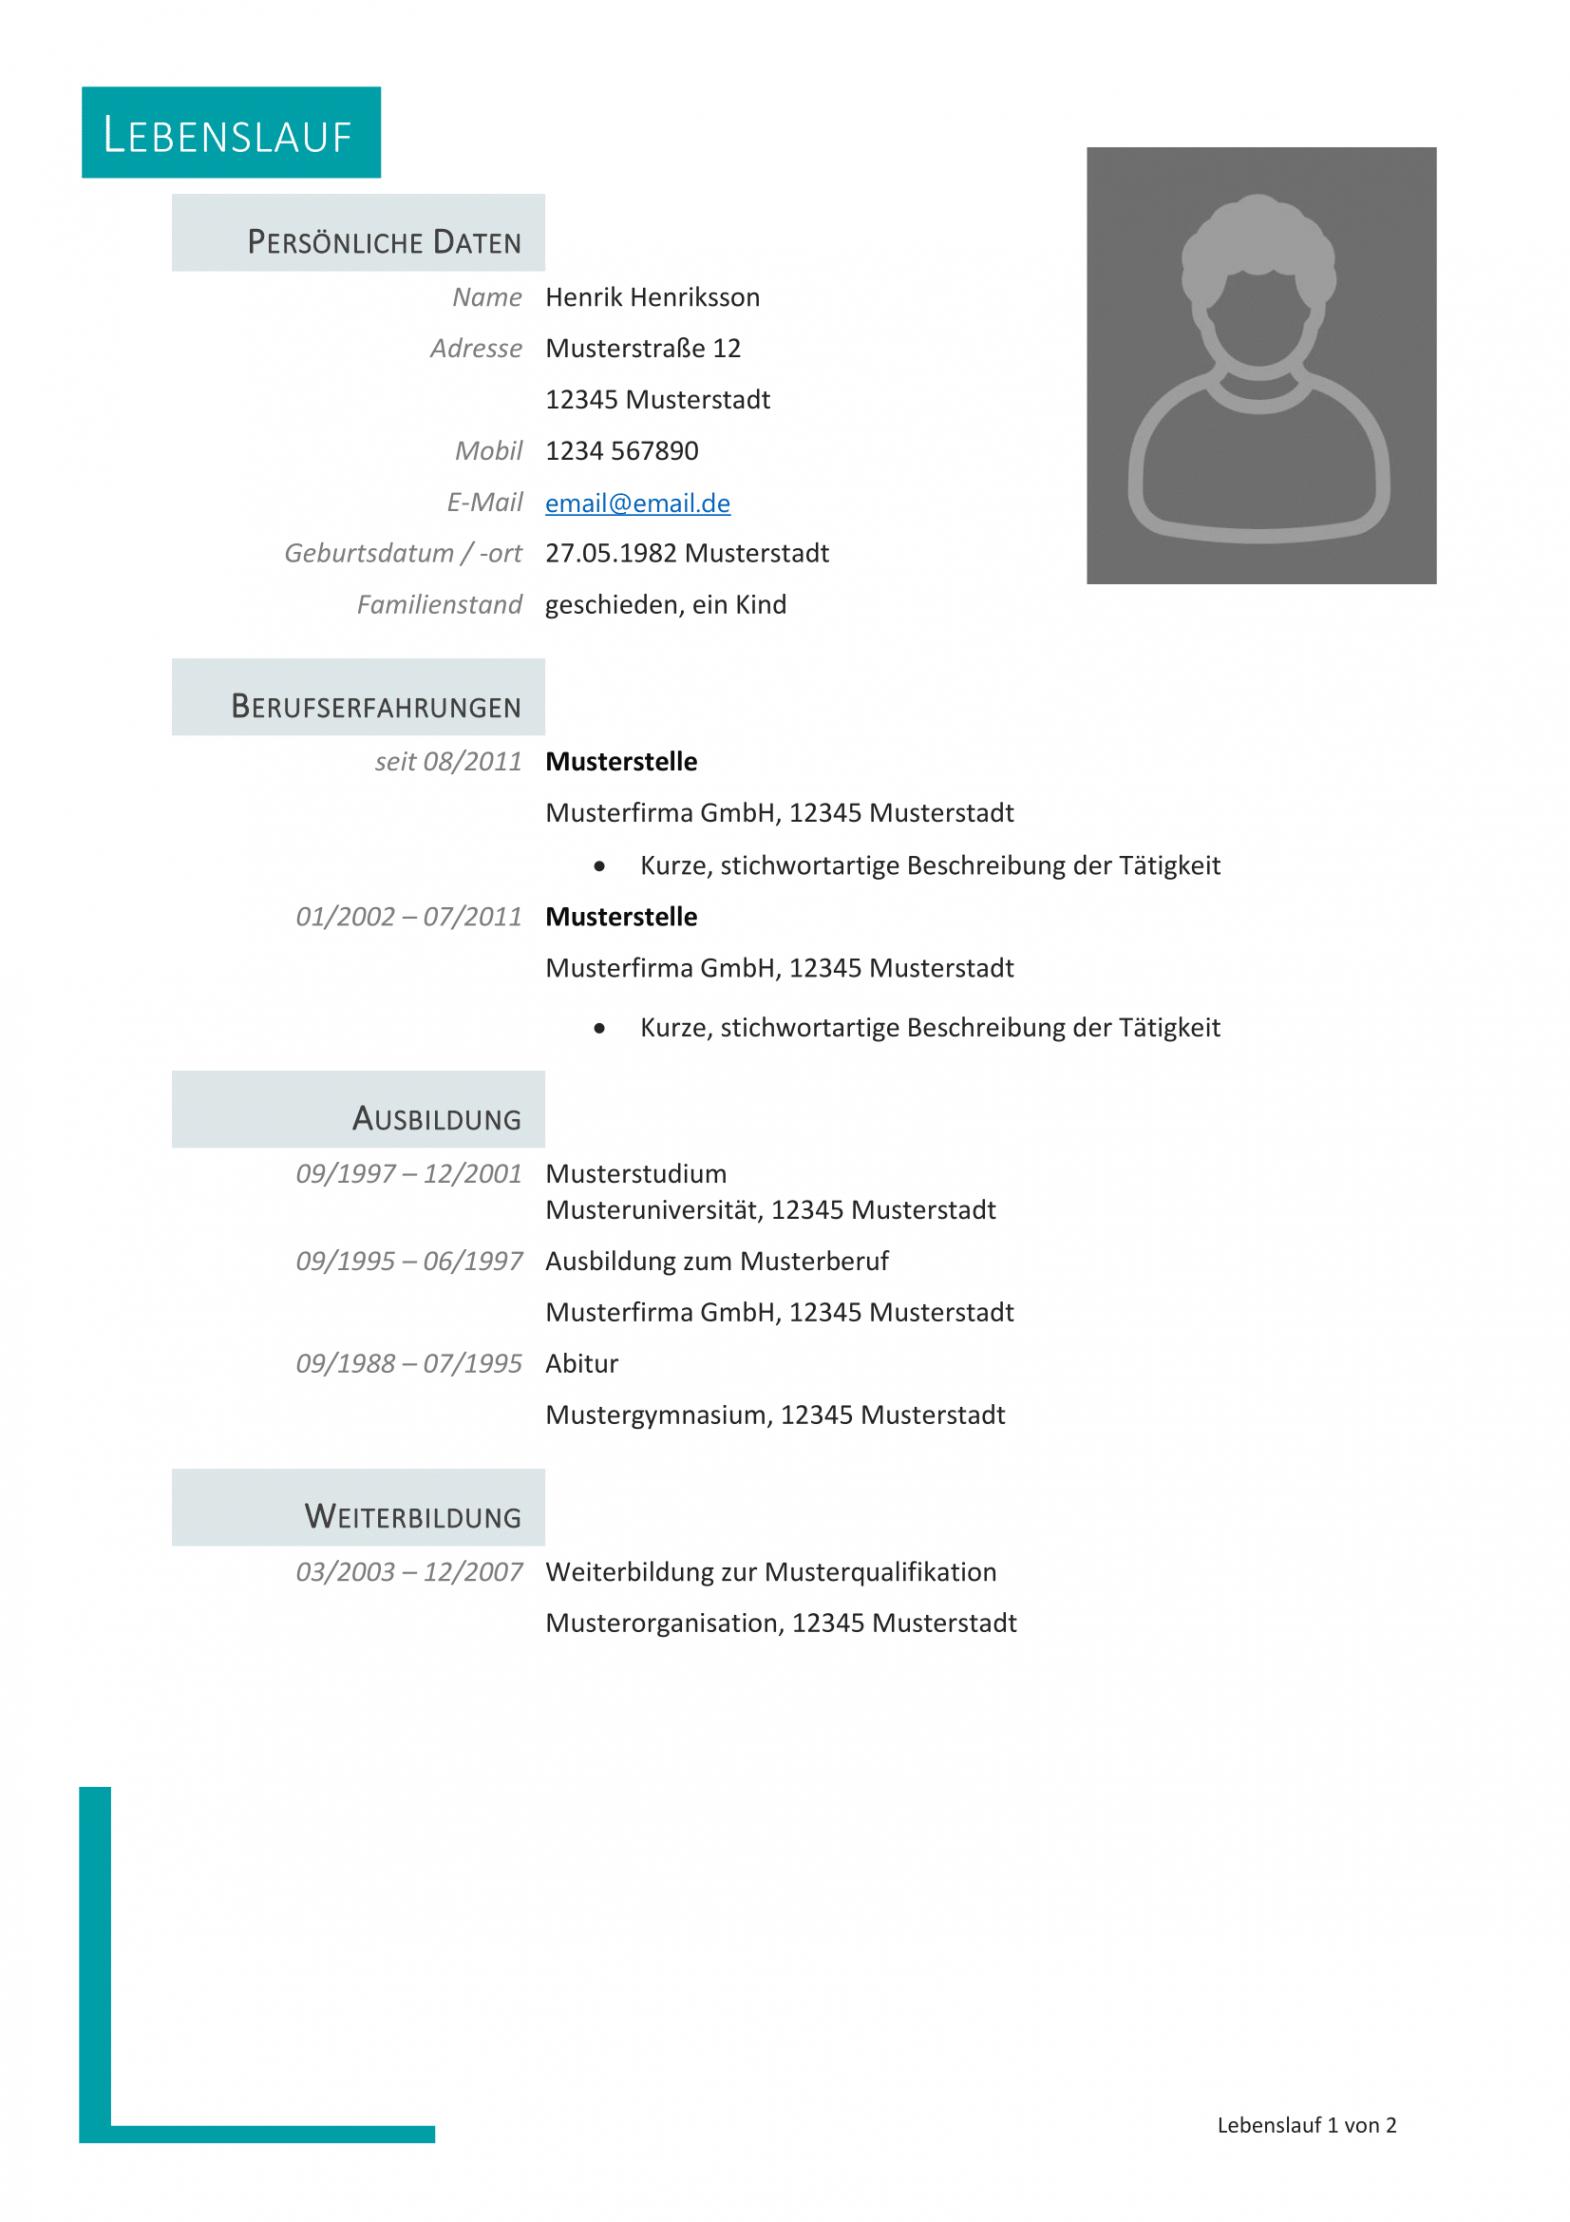 Kostenlose Lebenslauf Muster Und Vorlagen Für Deine Bewerbung 2018 Vorlage Lebenslauf Kinder